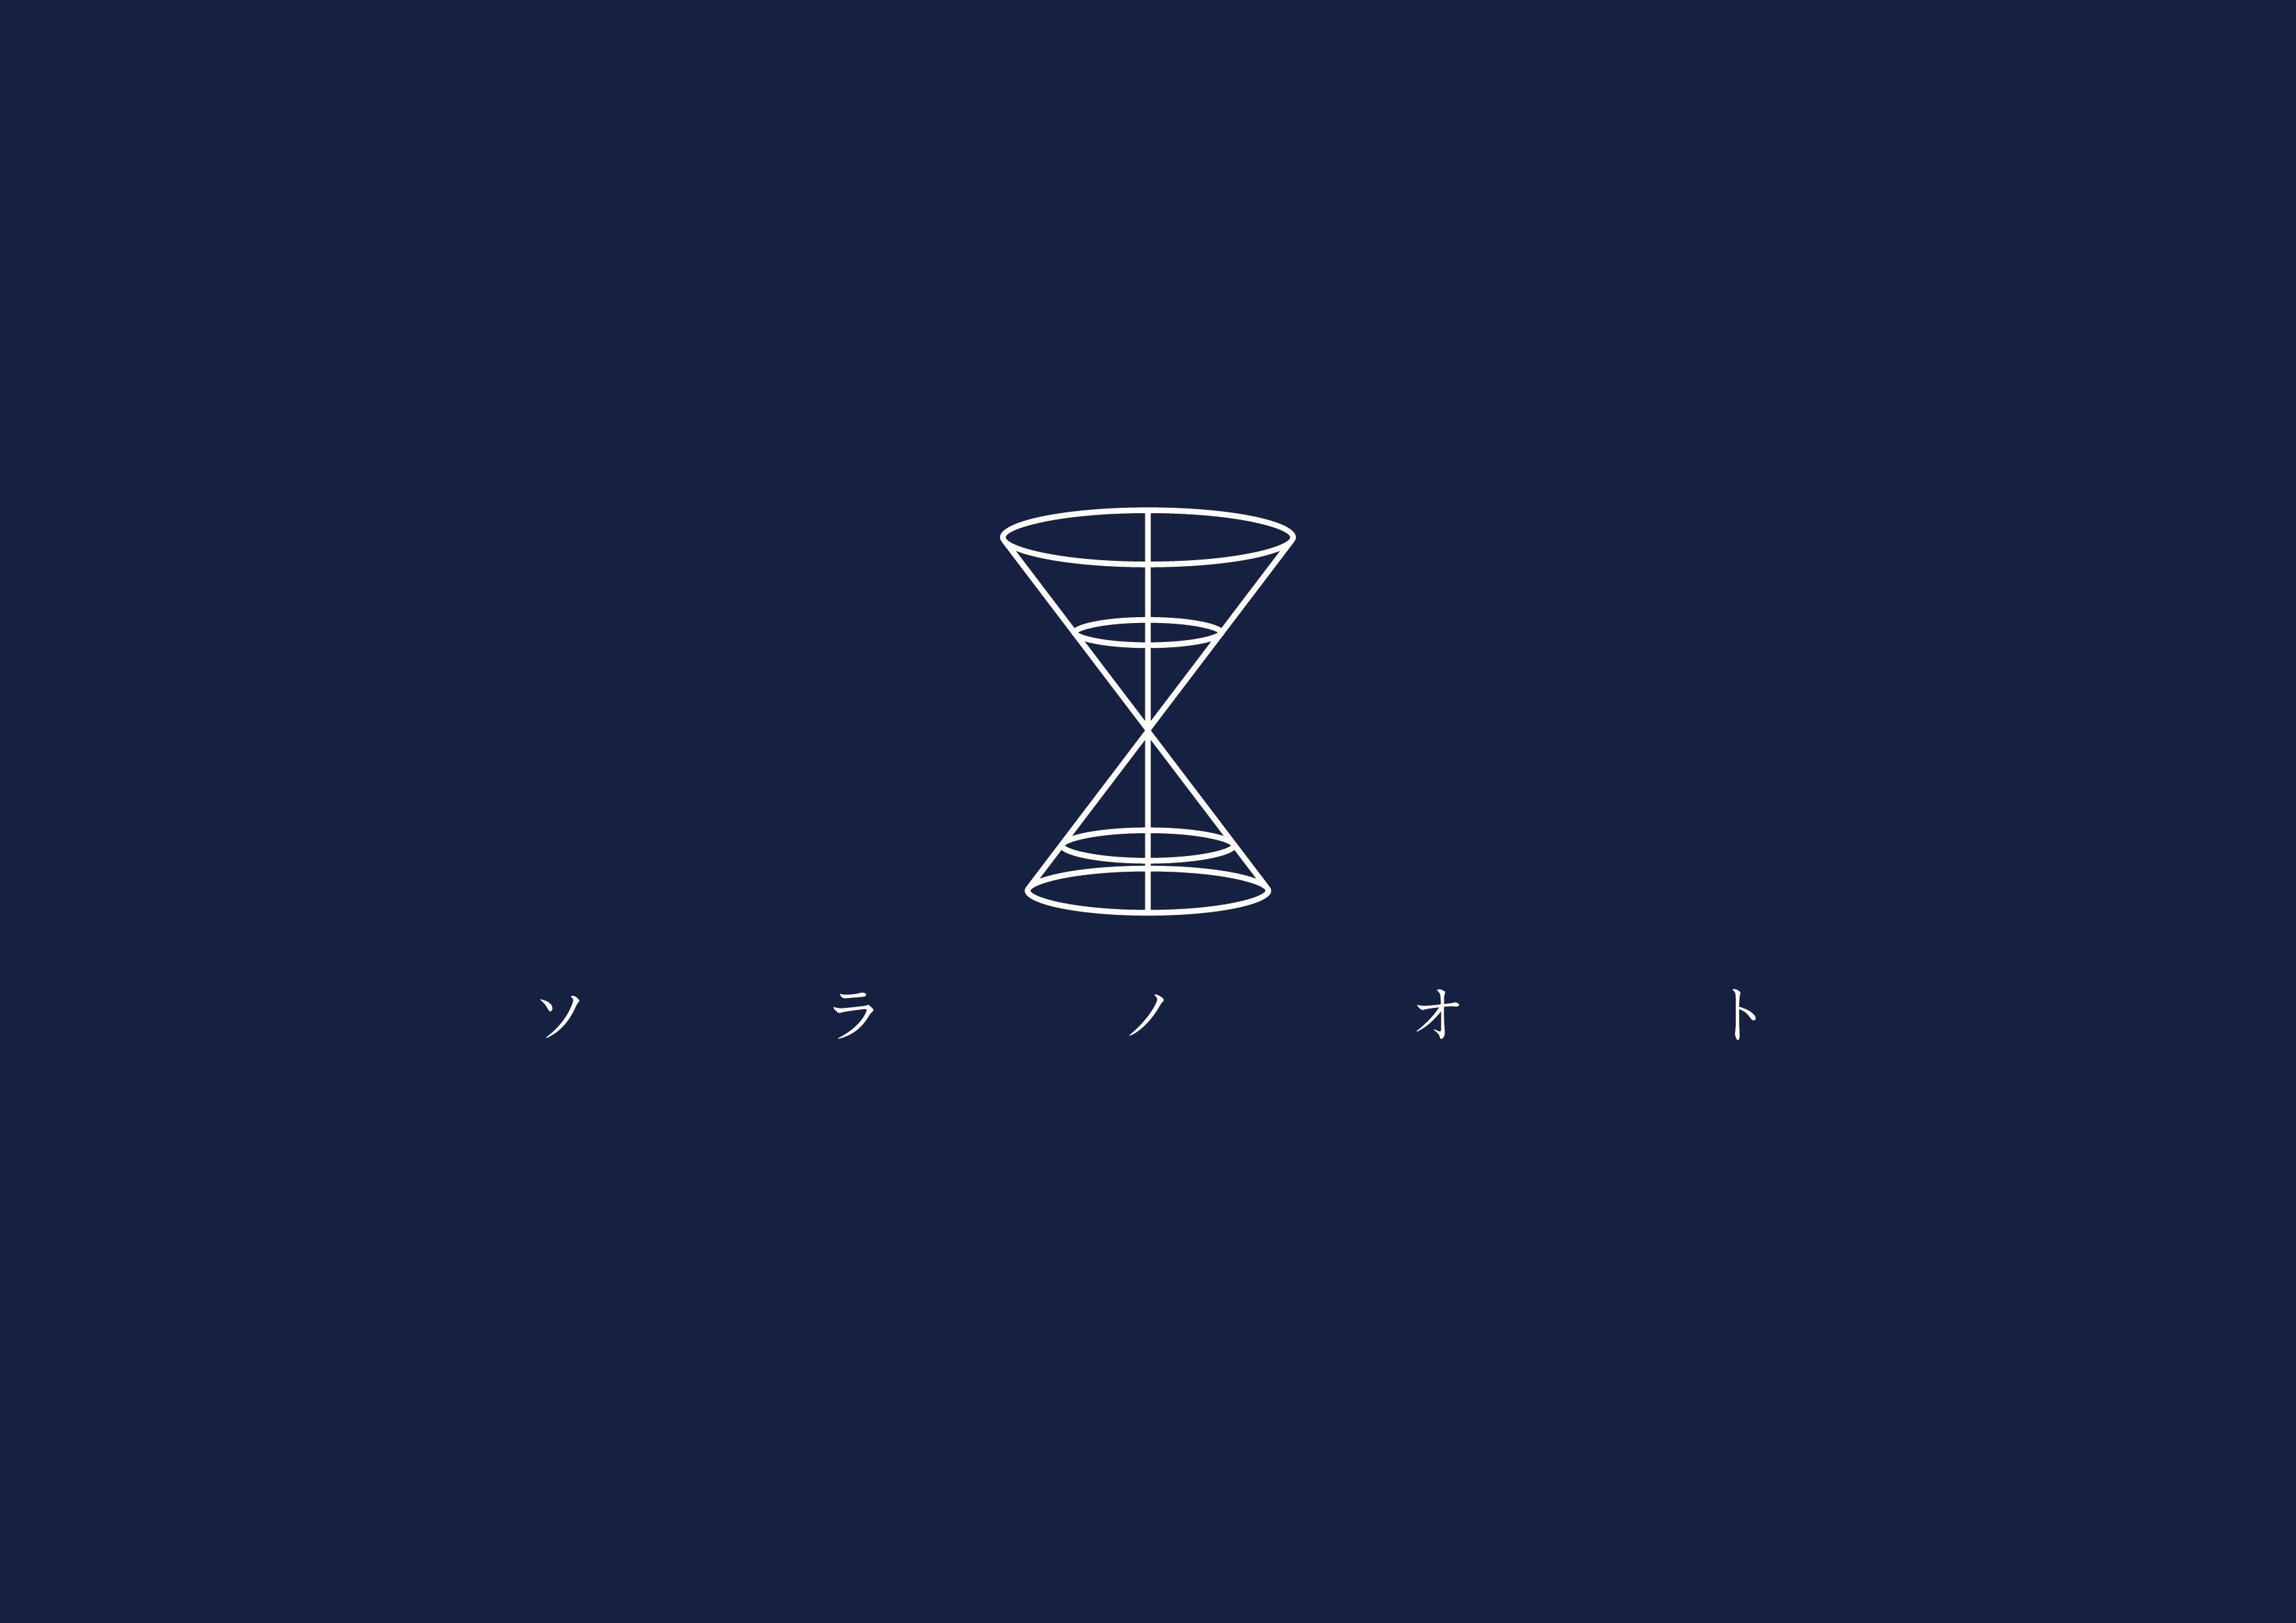 ソラノオト | TOKAK